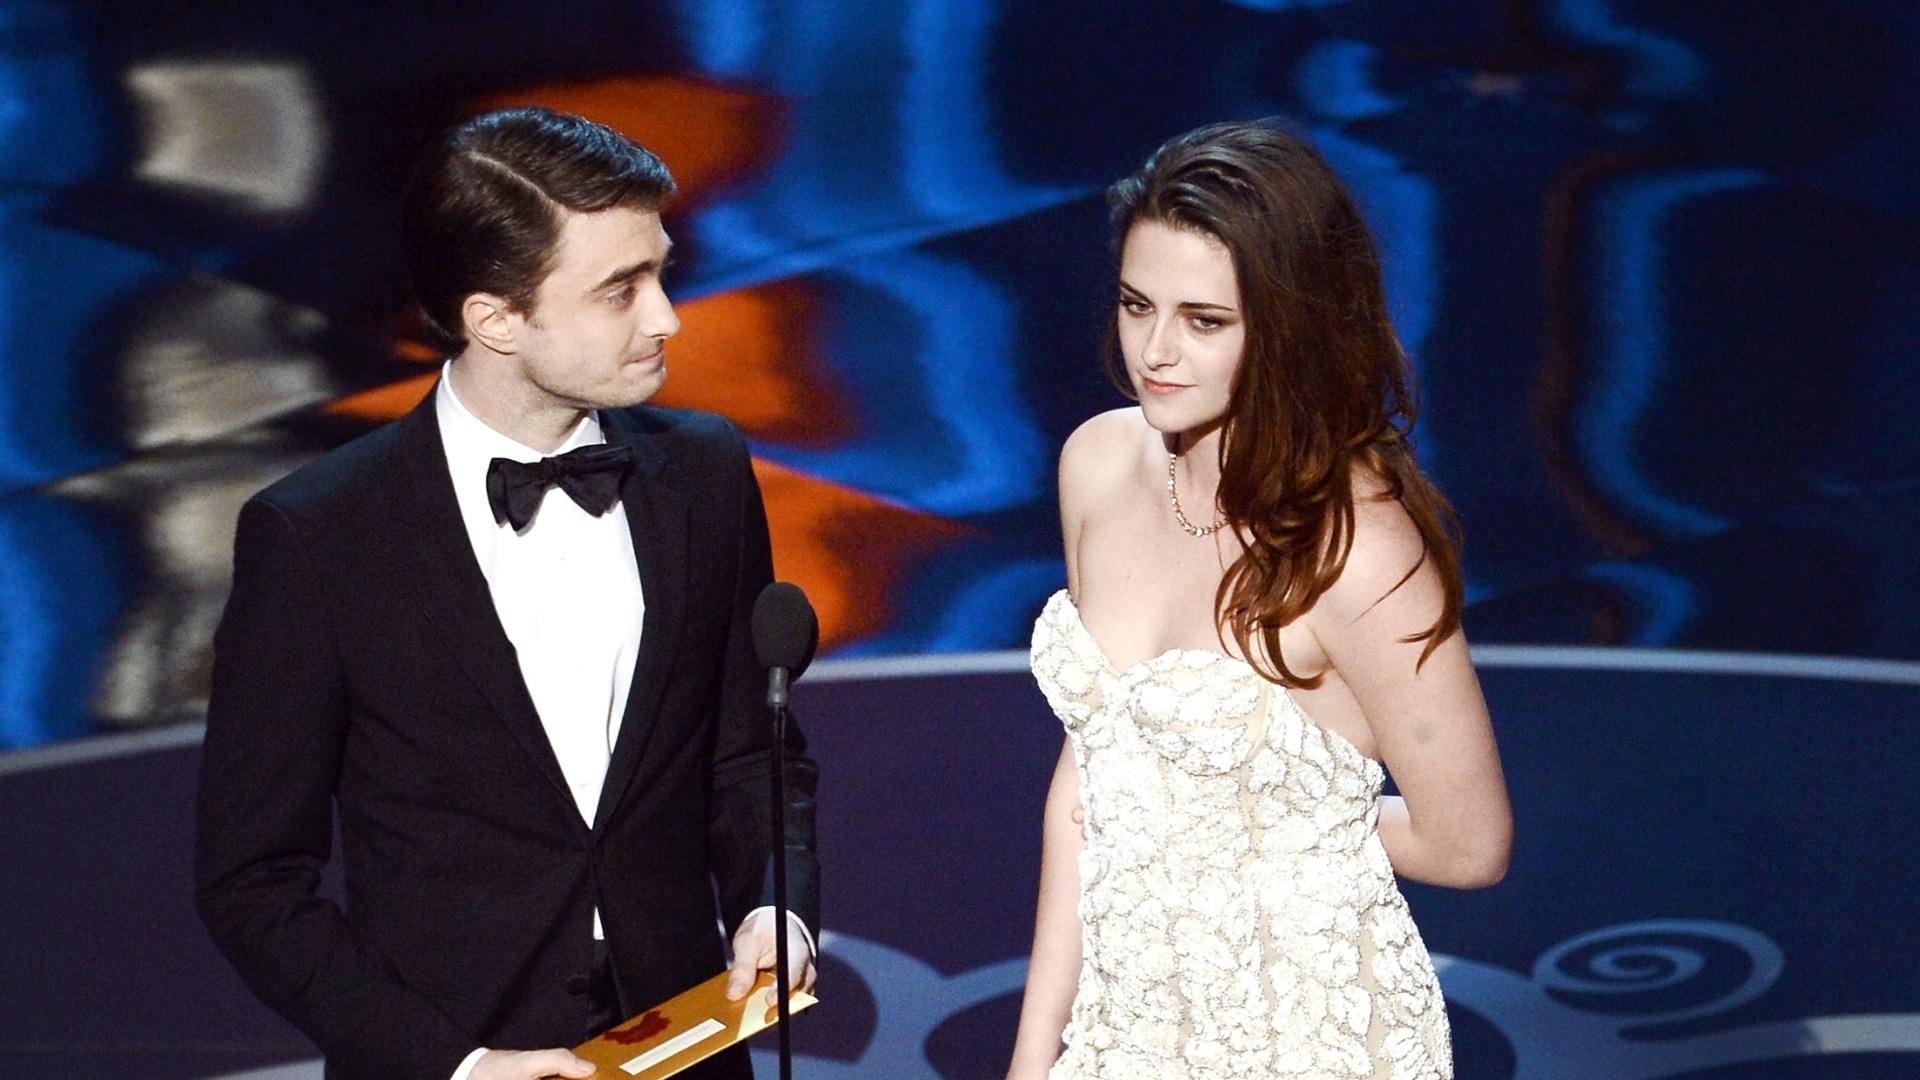 24.fev.2013 - Kristen Stewart entra mancando no palco, acompanhada de Daniel Radcliffe, para anunciar o vencedor de Melhor Direção de Arte